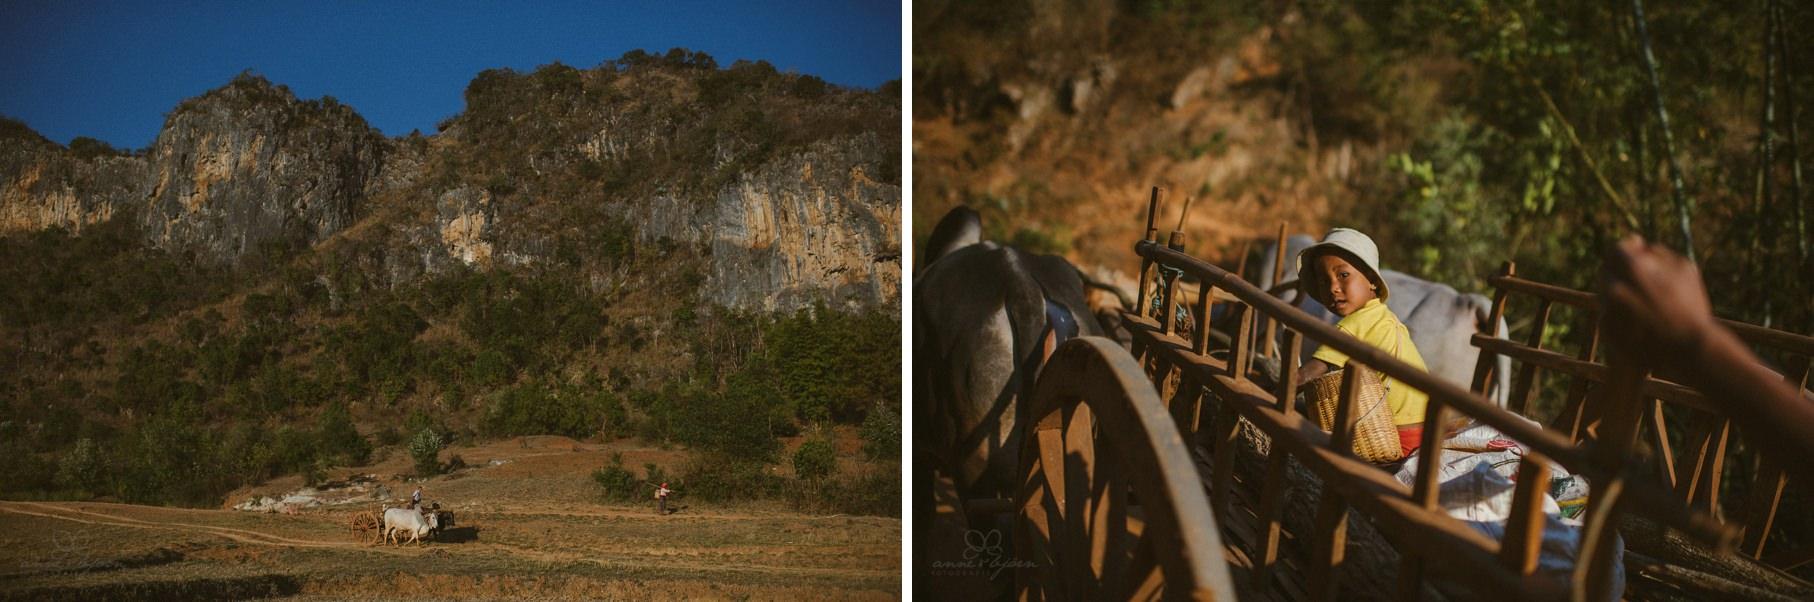 0040 inle lake trekking d76 5877 - Trekking von Kalaw zum Inle-See - Myanmar / Burma